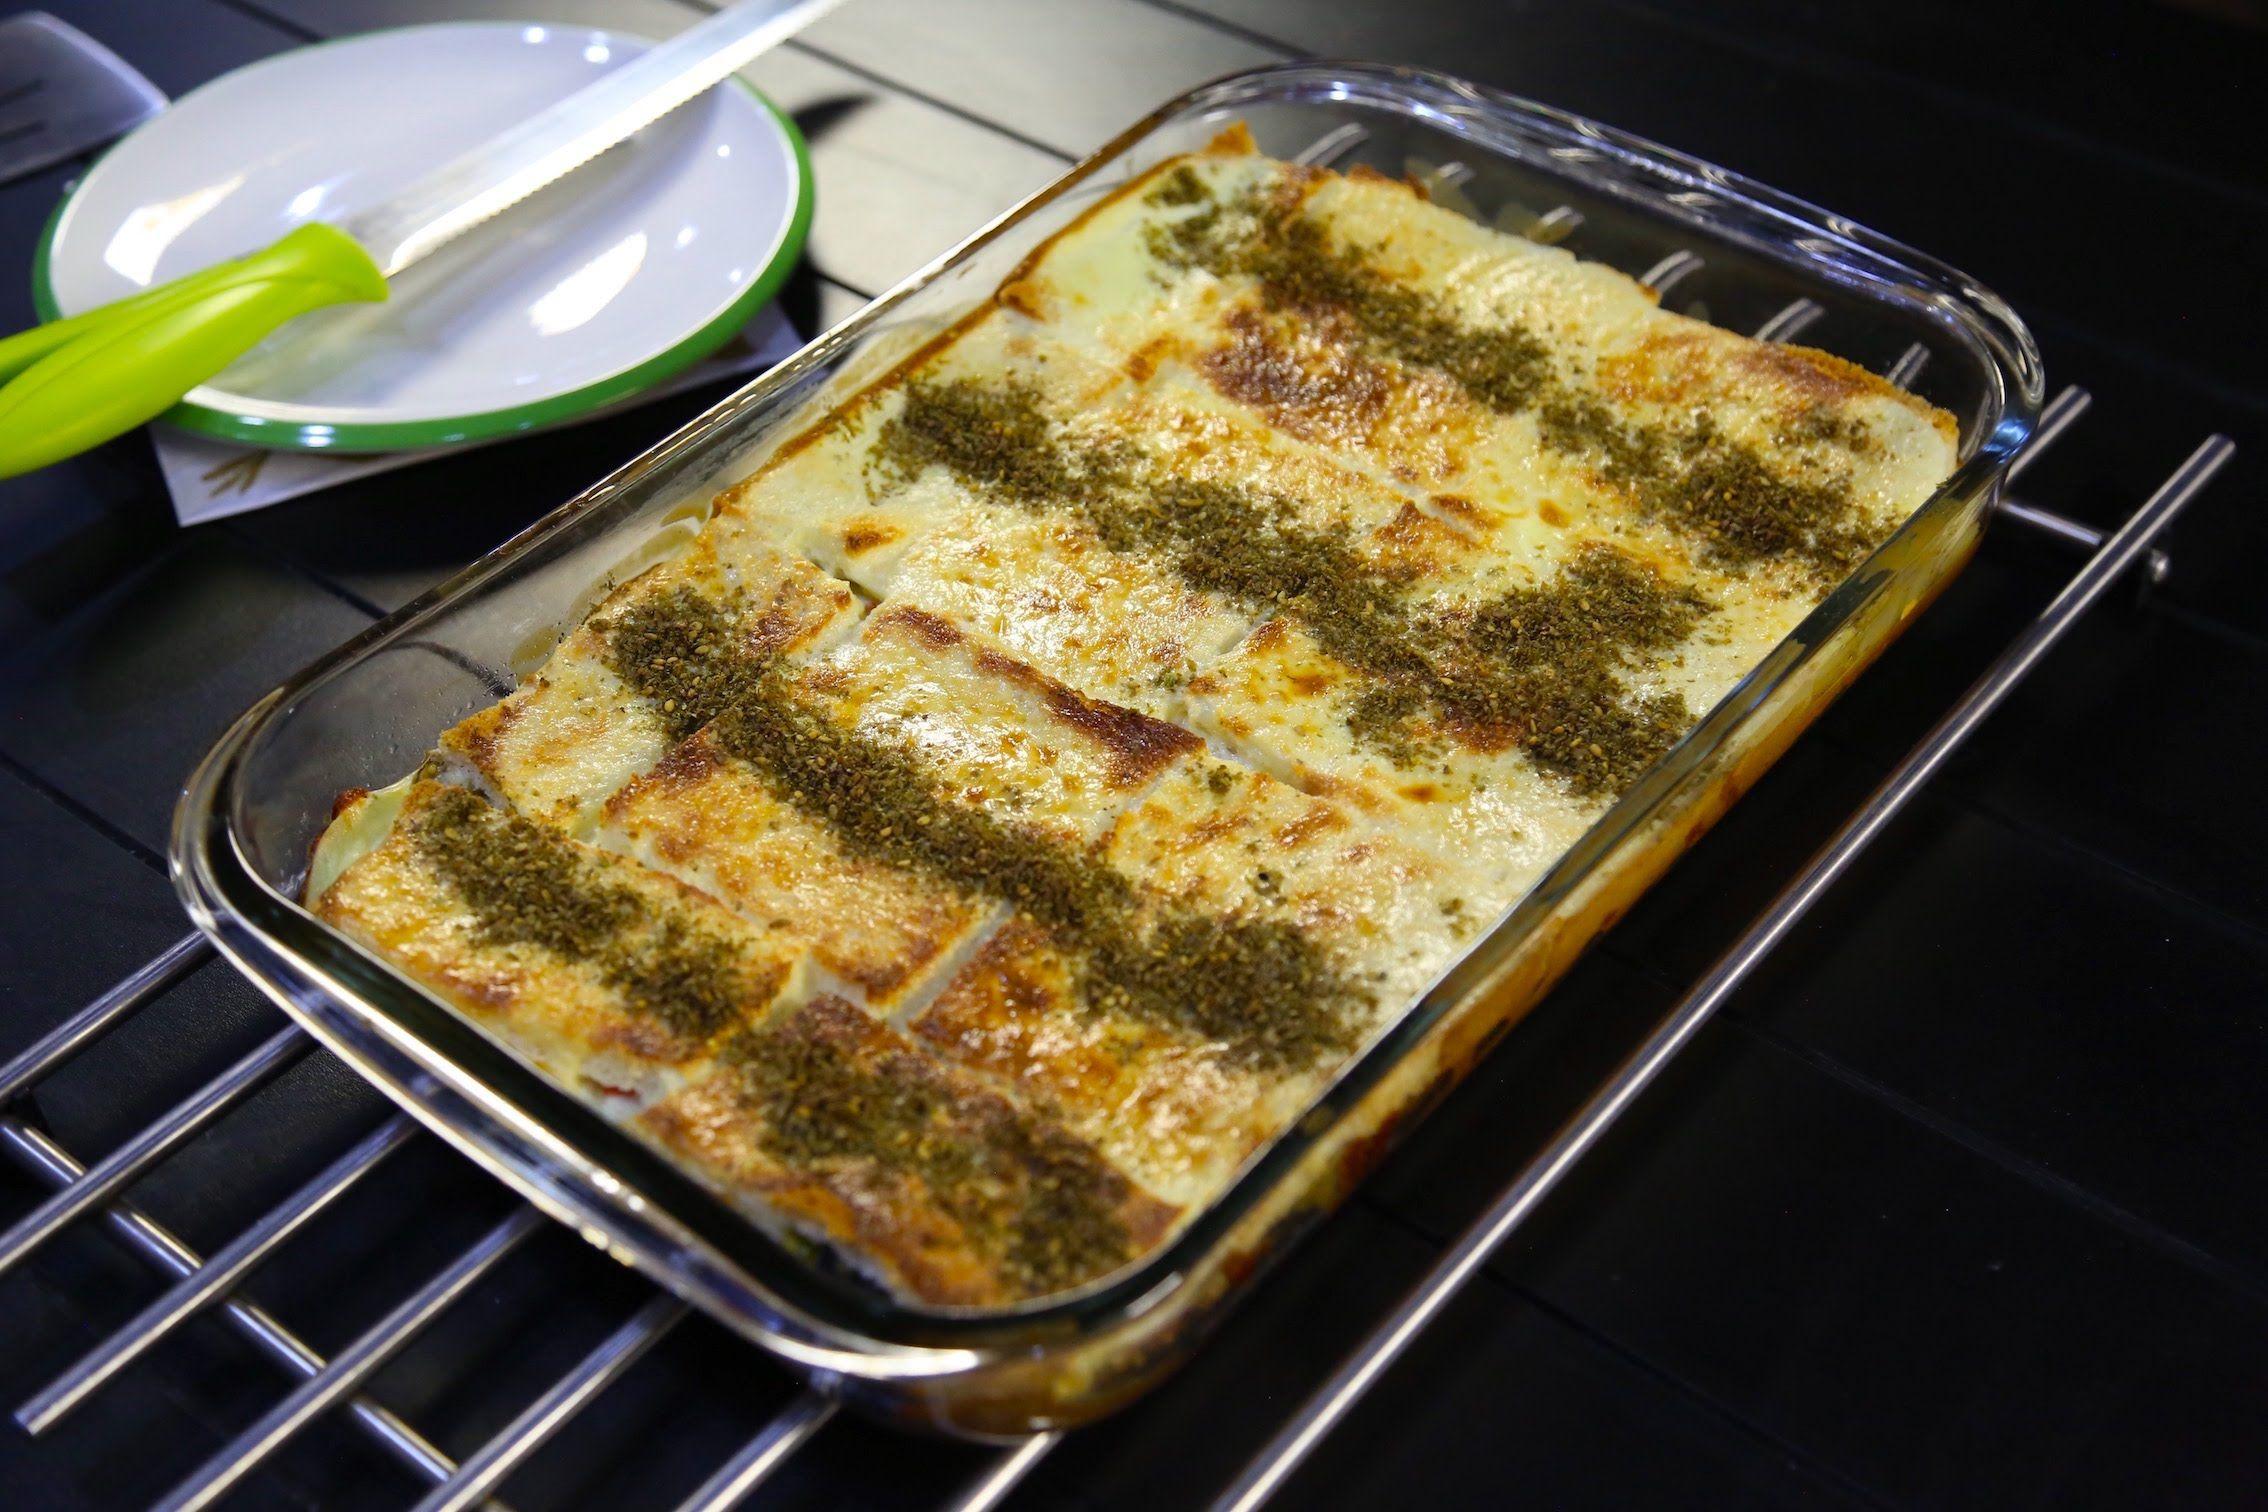 وجبات 15 ثانية صينية التوست بالجبنة البيضاء Youtube Meals Food Cheese Casserole